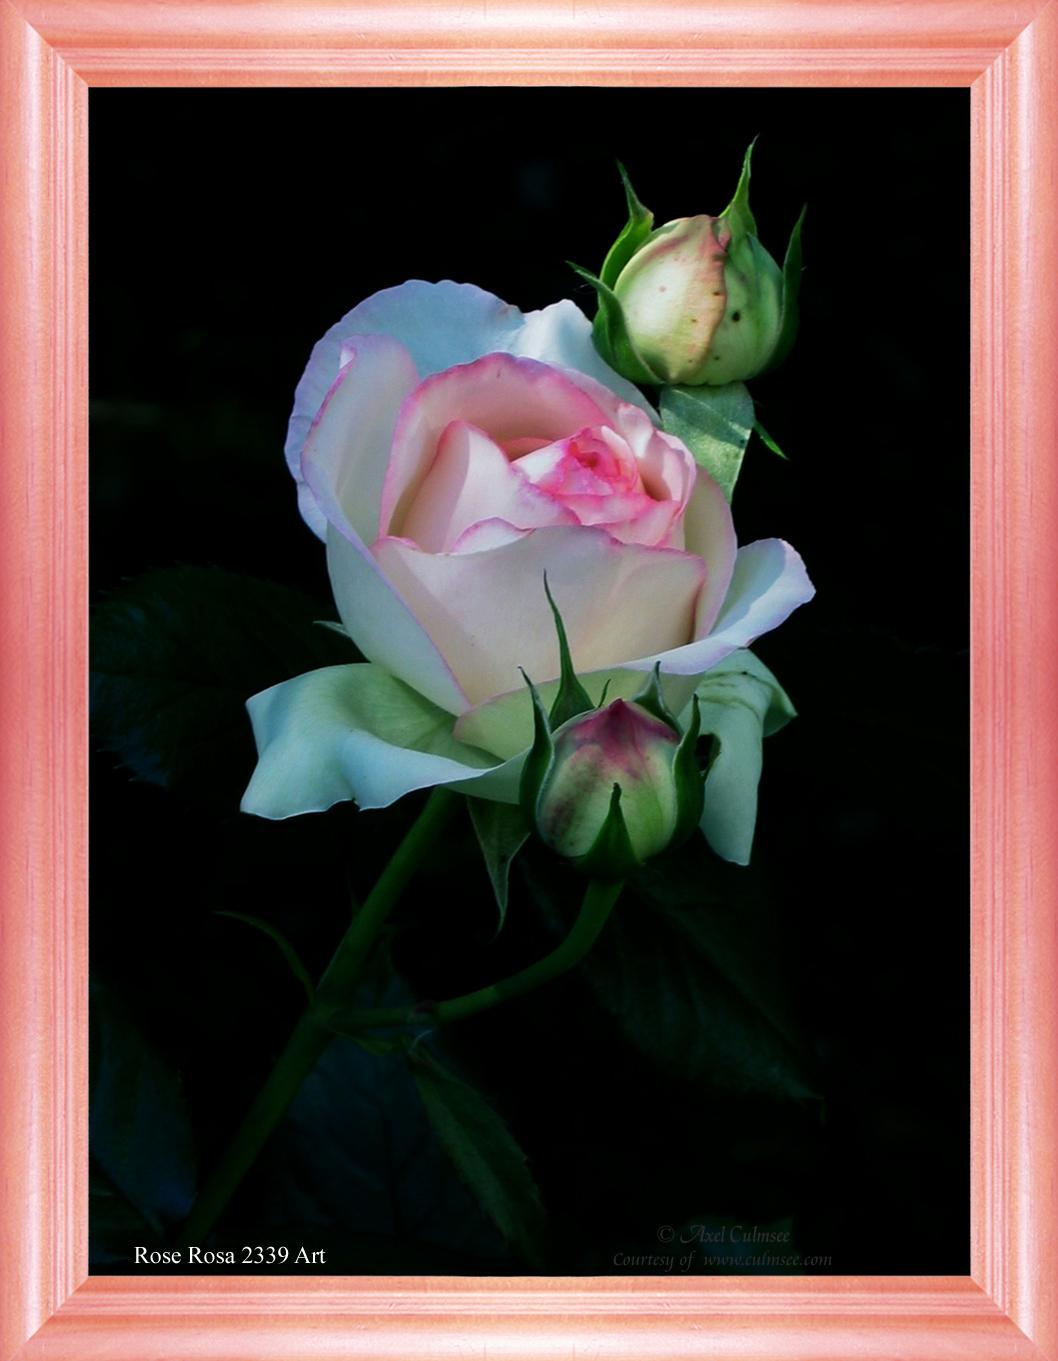 Rose Rosa 2339 Art